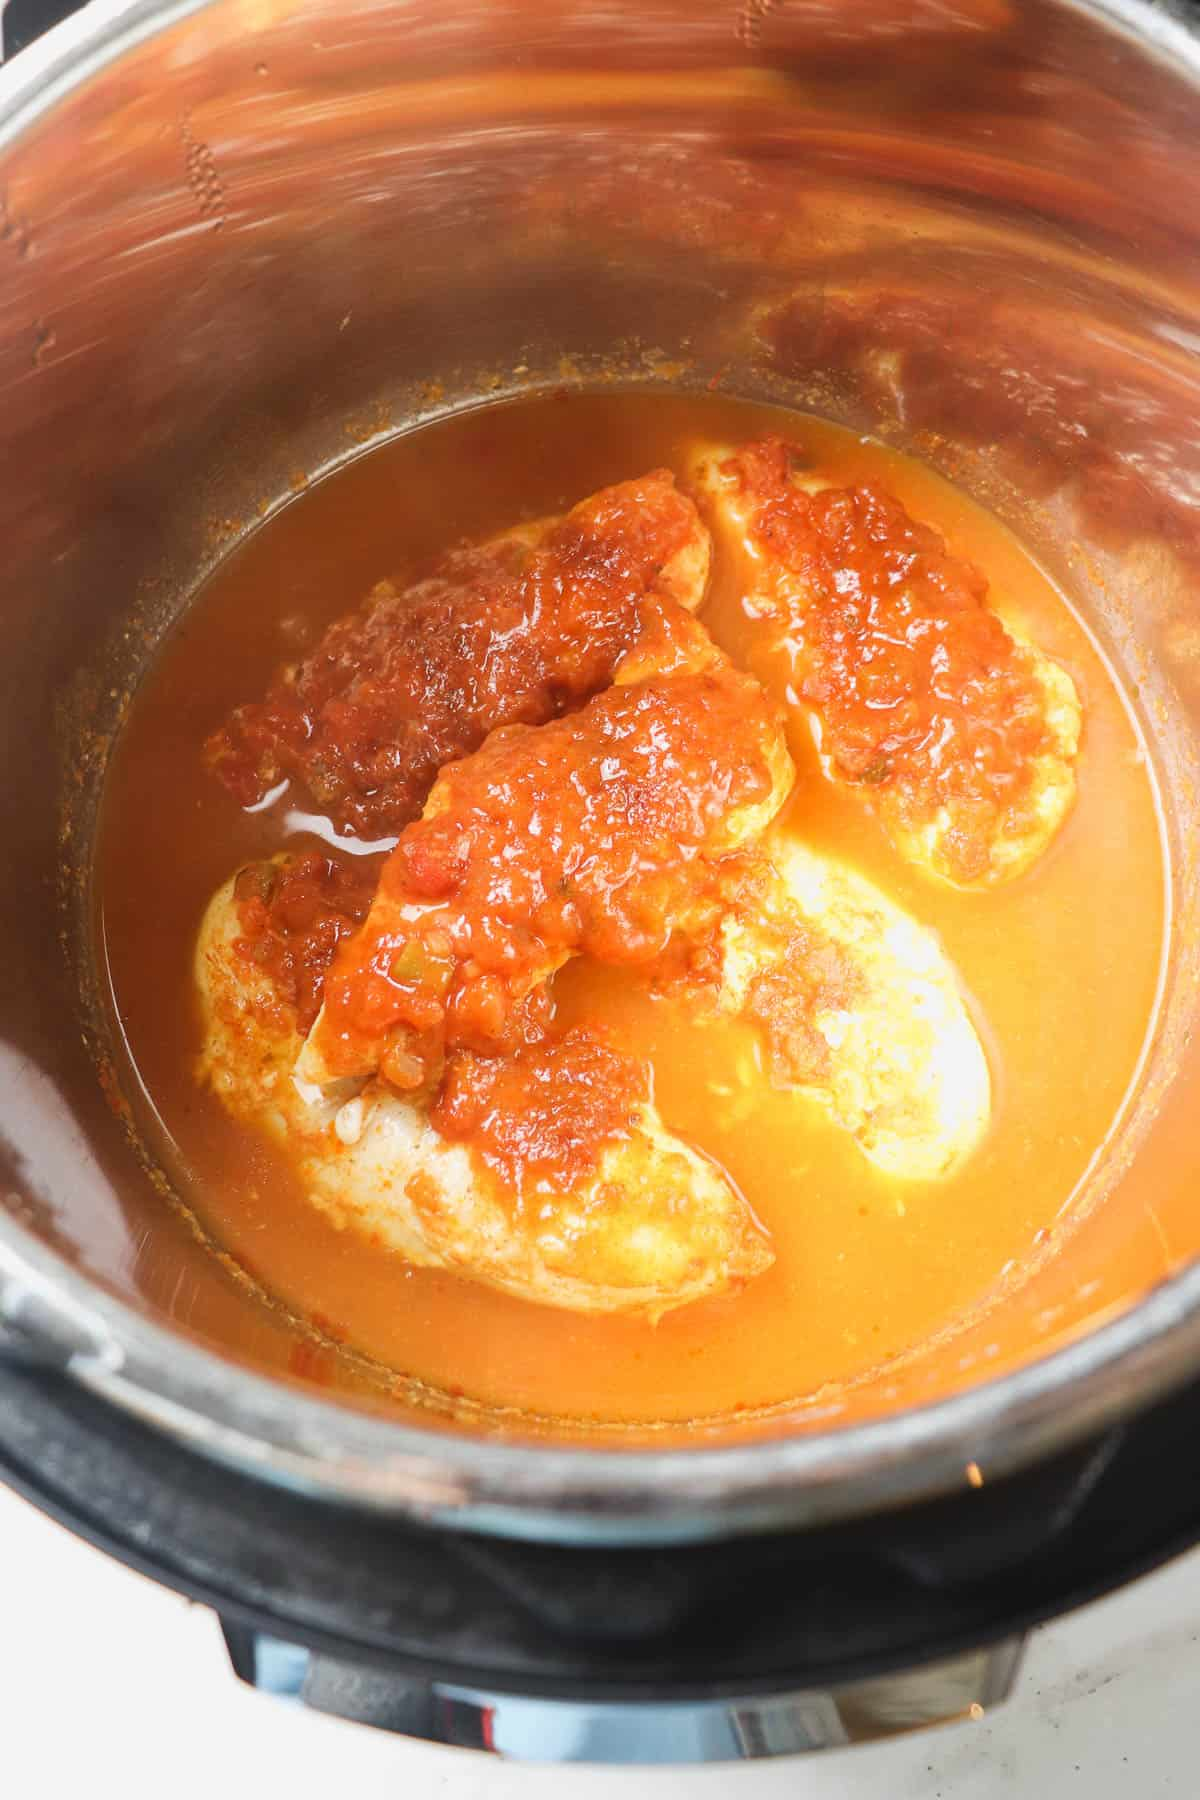 cooked chicken tenders in instant pot